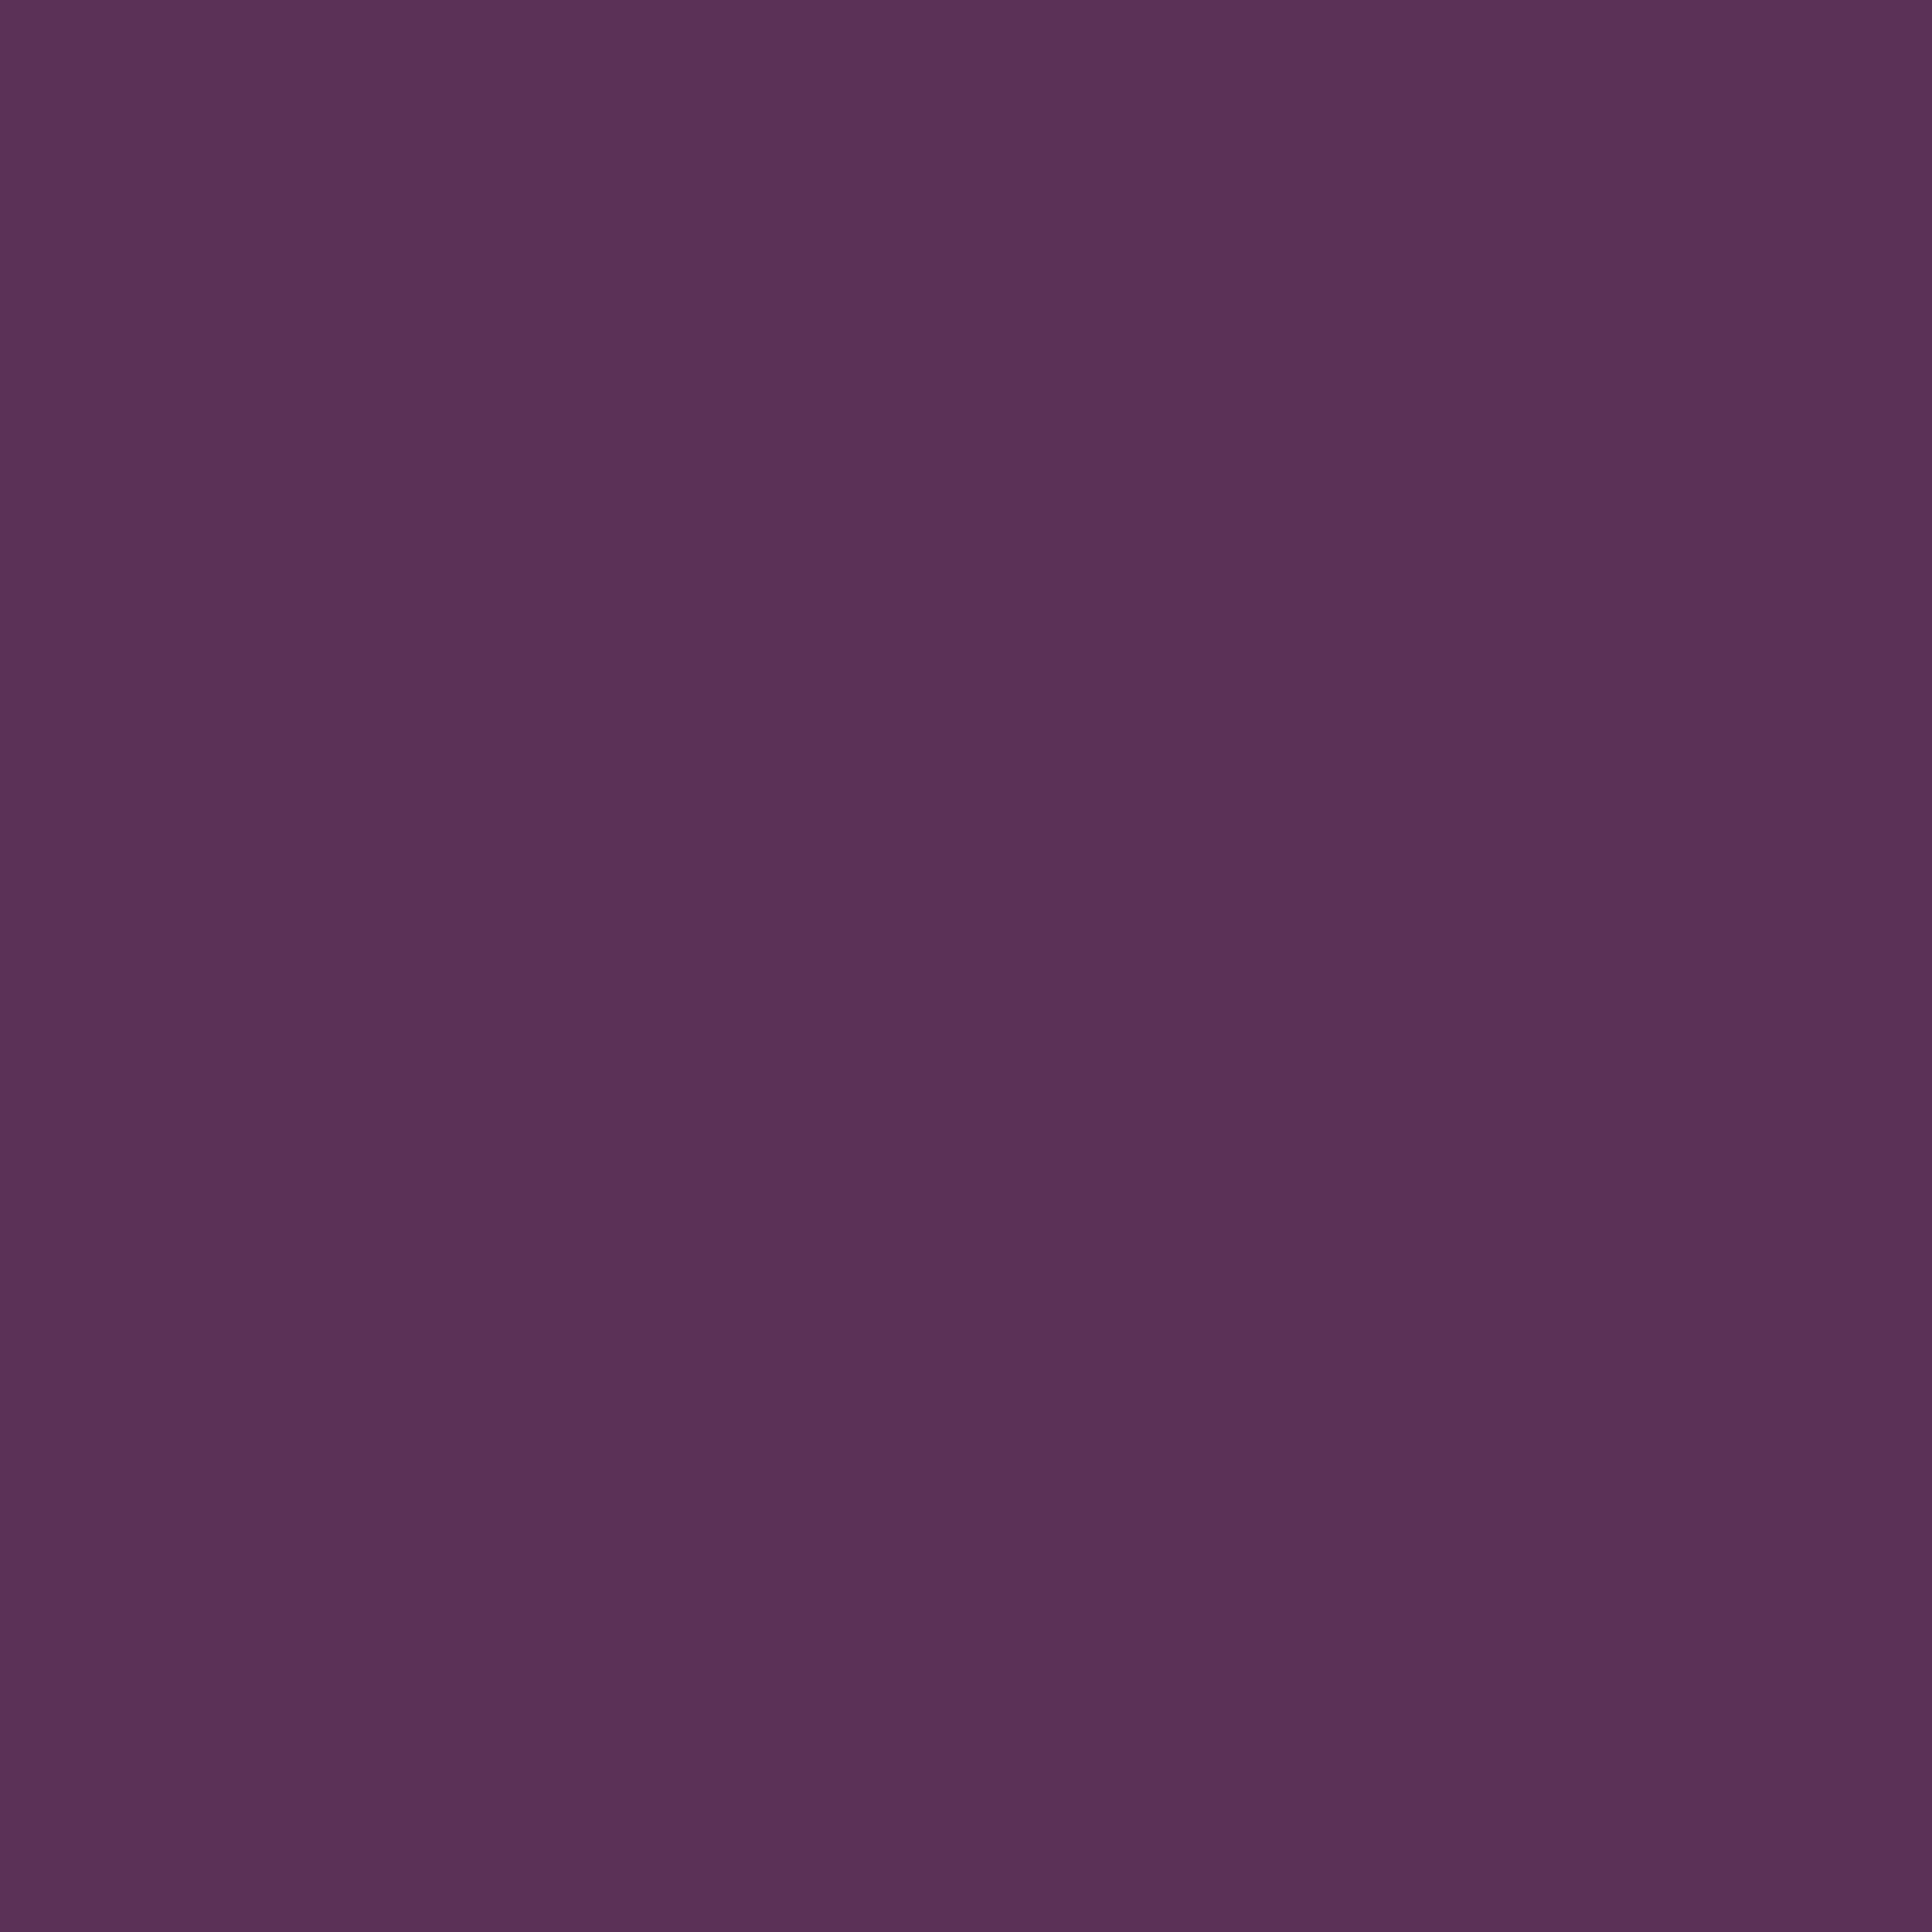 2048x2048 Japanese Violet Solid Color Background